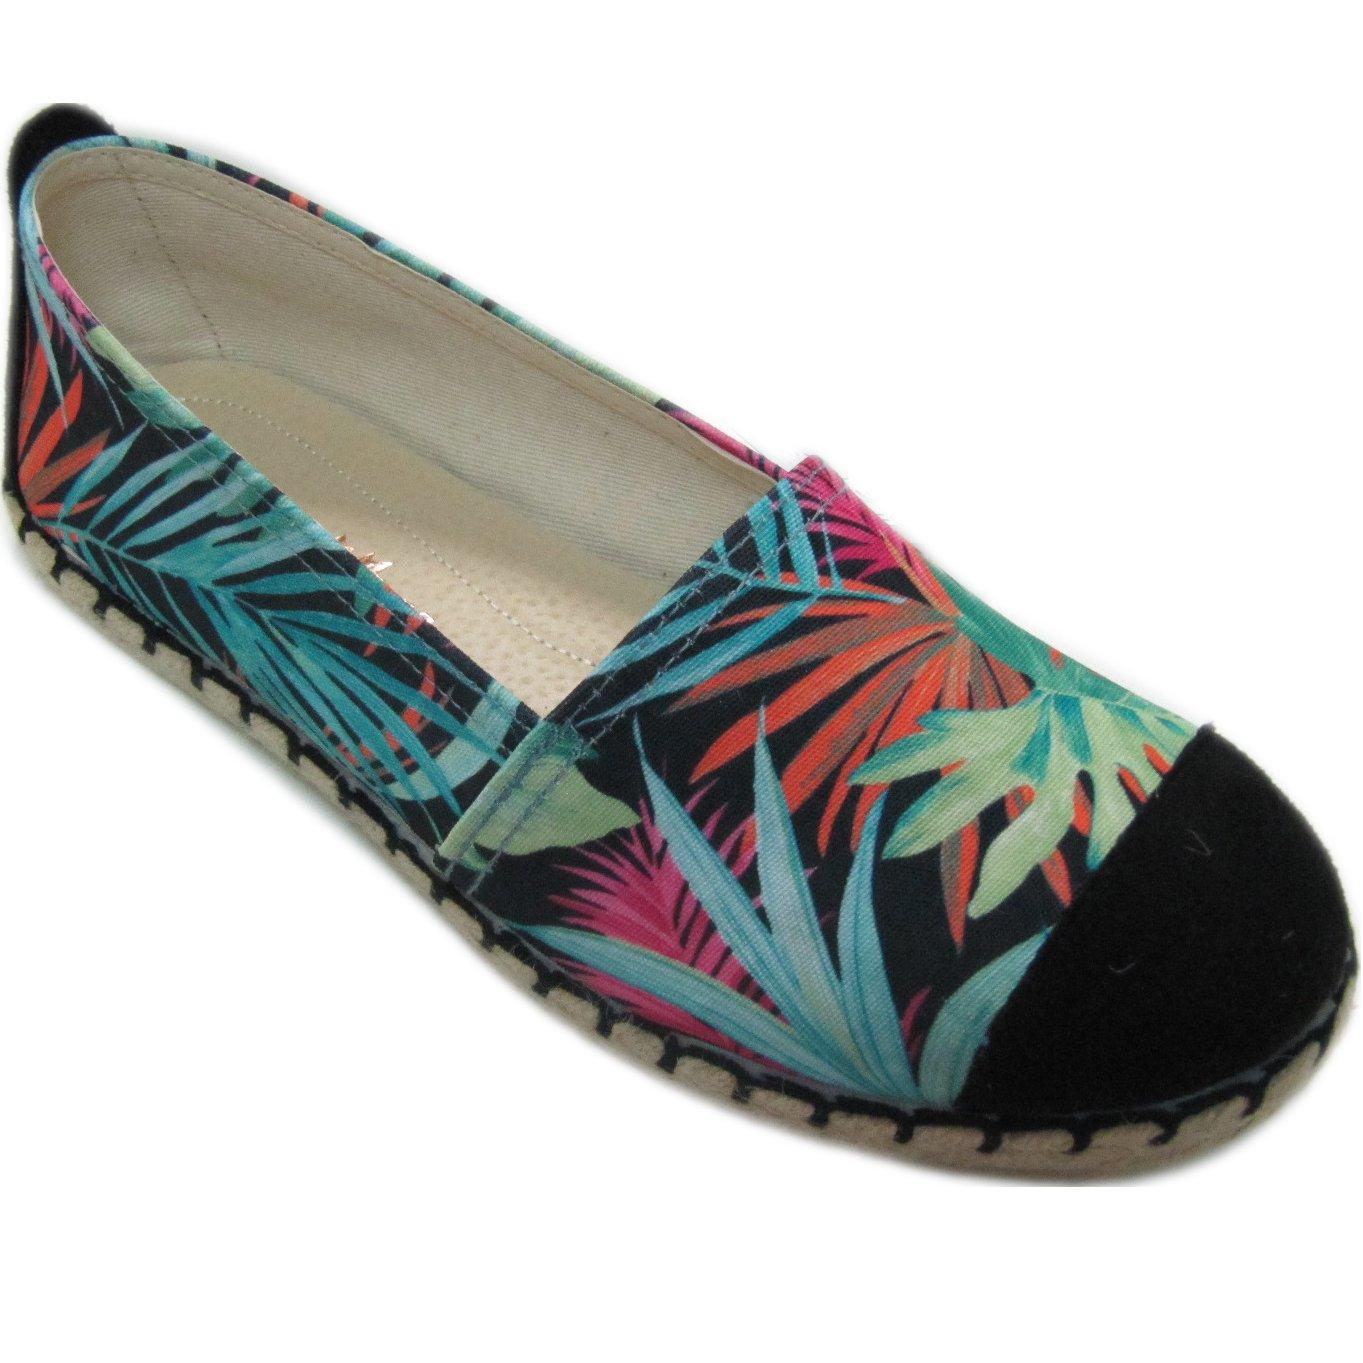 Alpargatas femeninas: Calzado de Dinamic Calzados, S.L